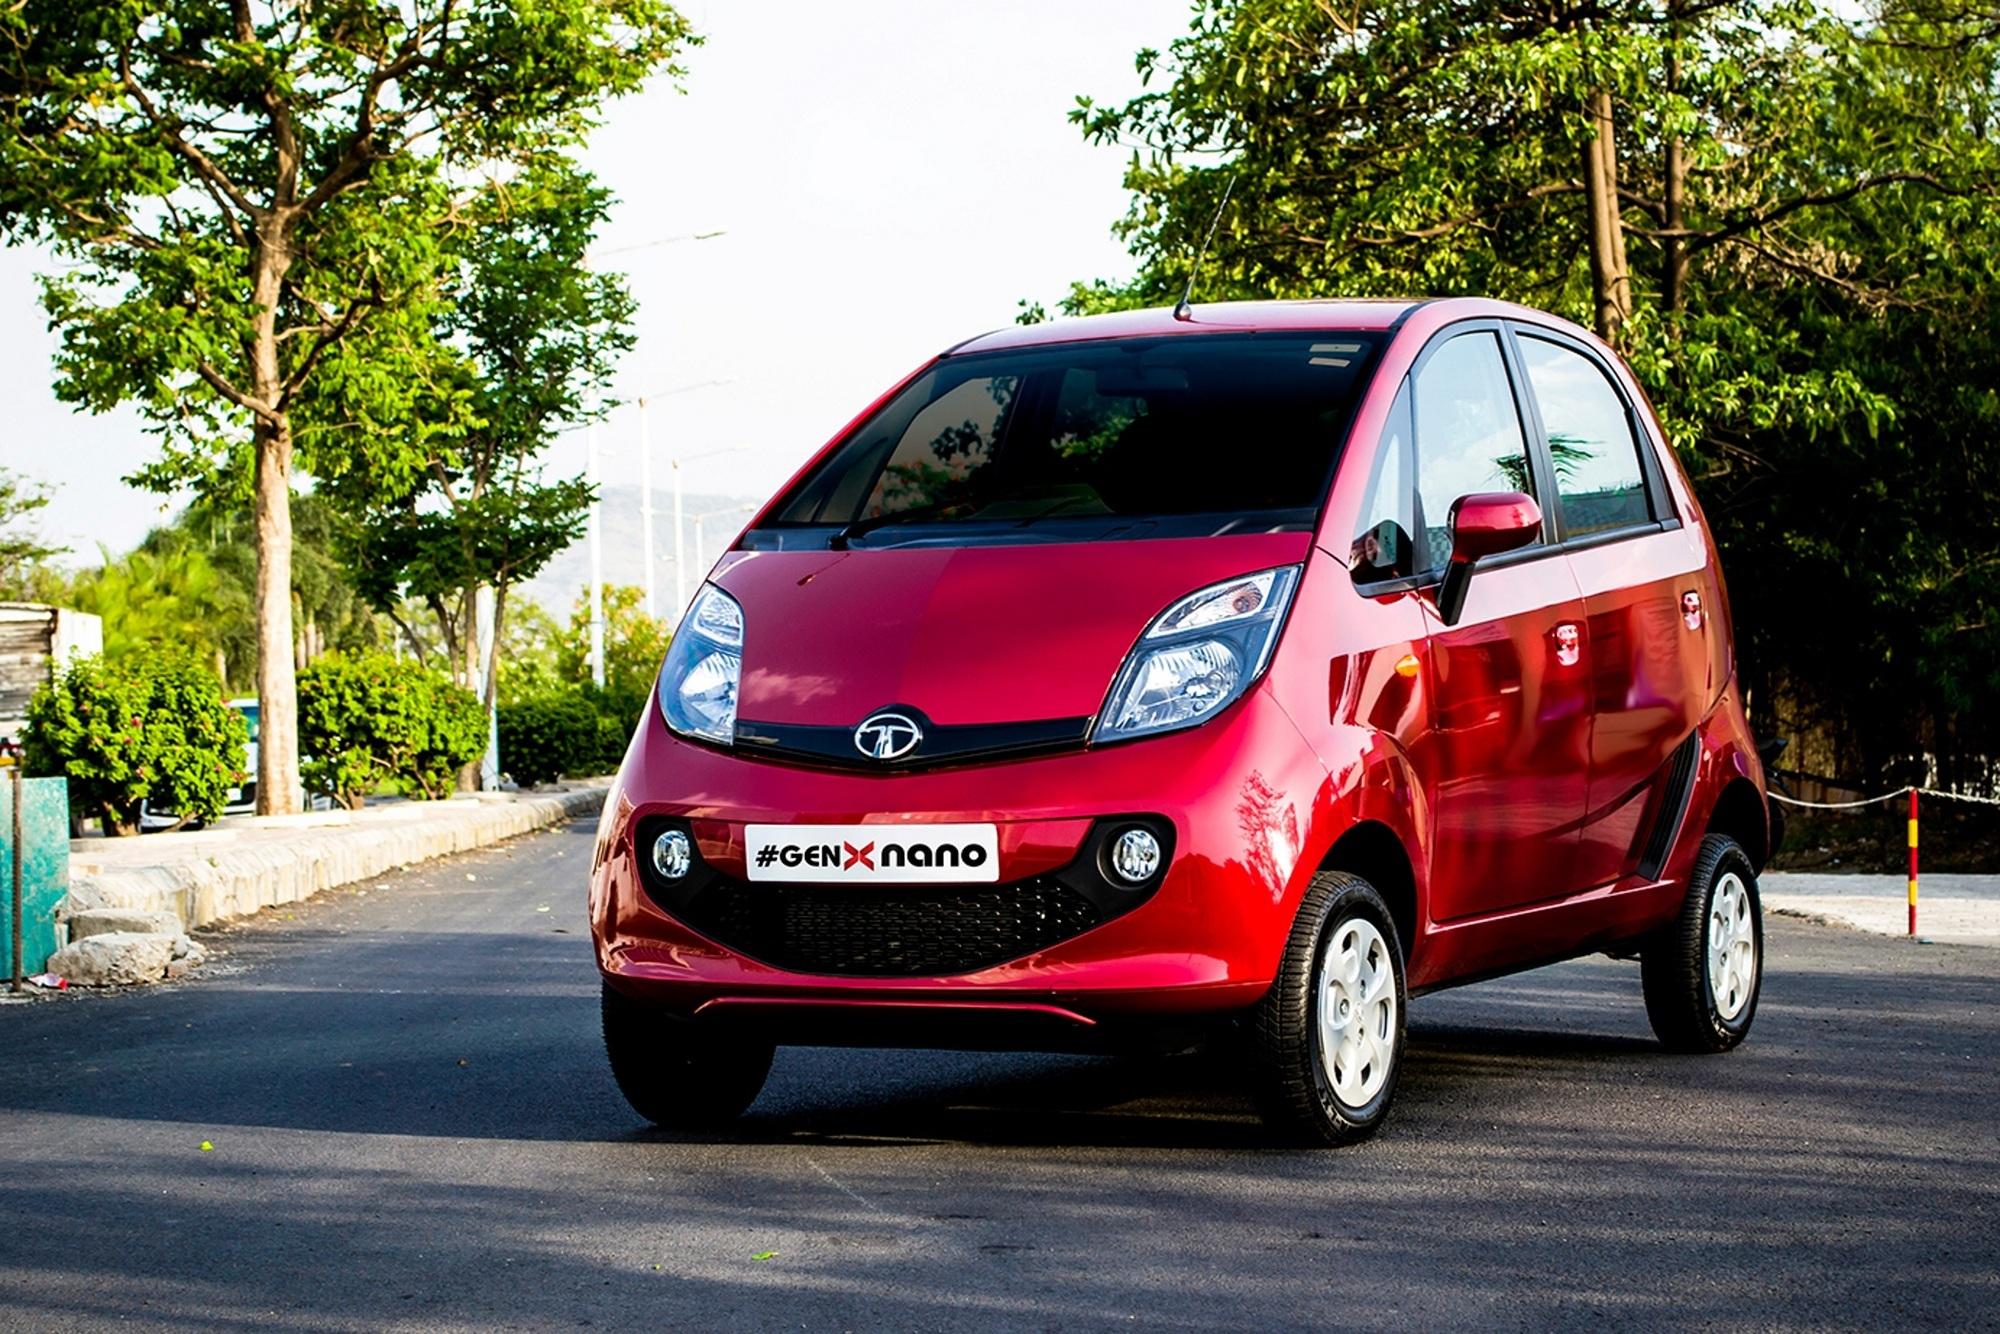 Tata GenX Nano - Zweiter Anlauf für das Billigauto